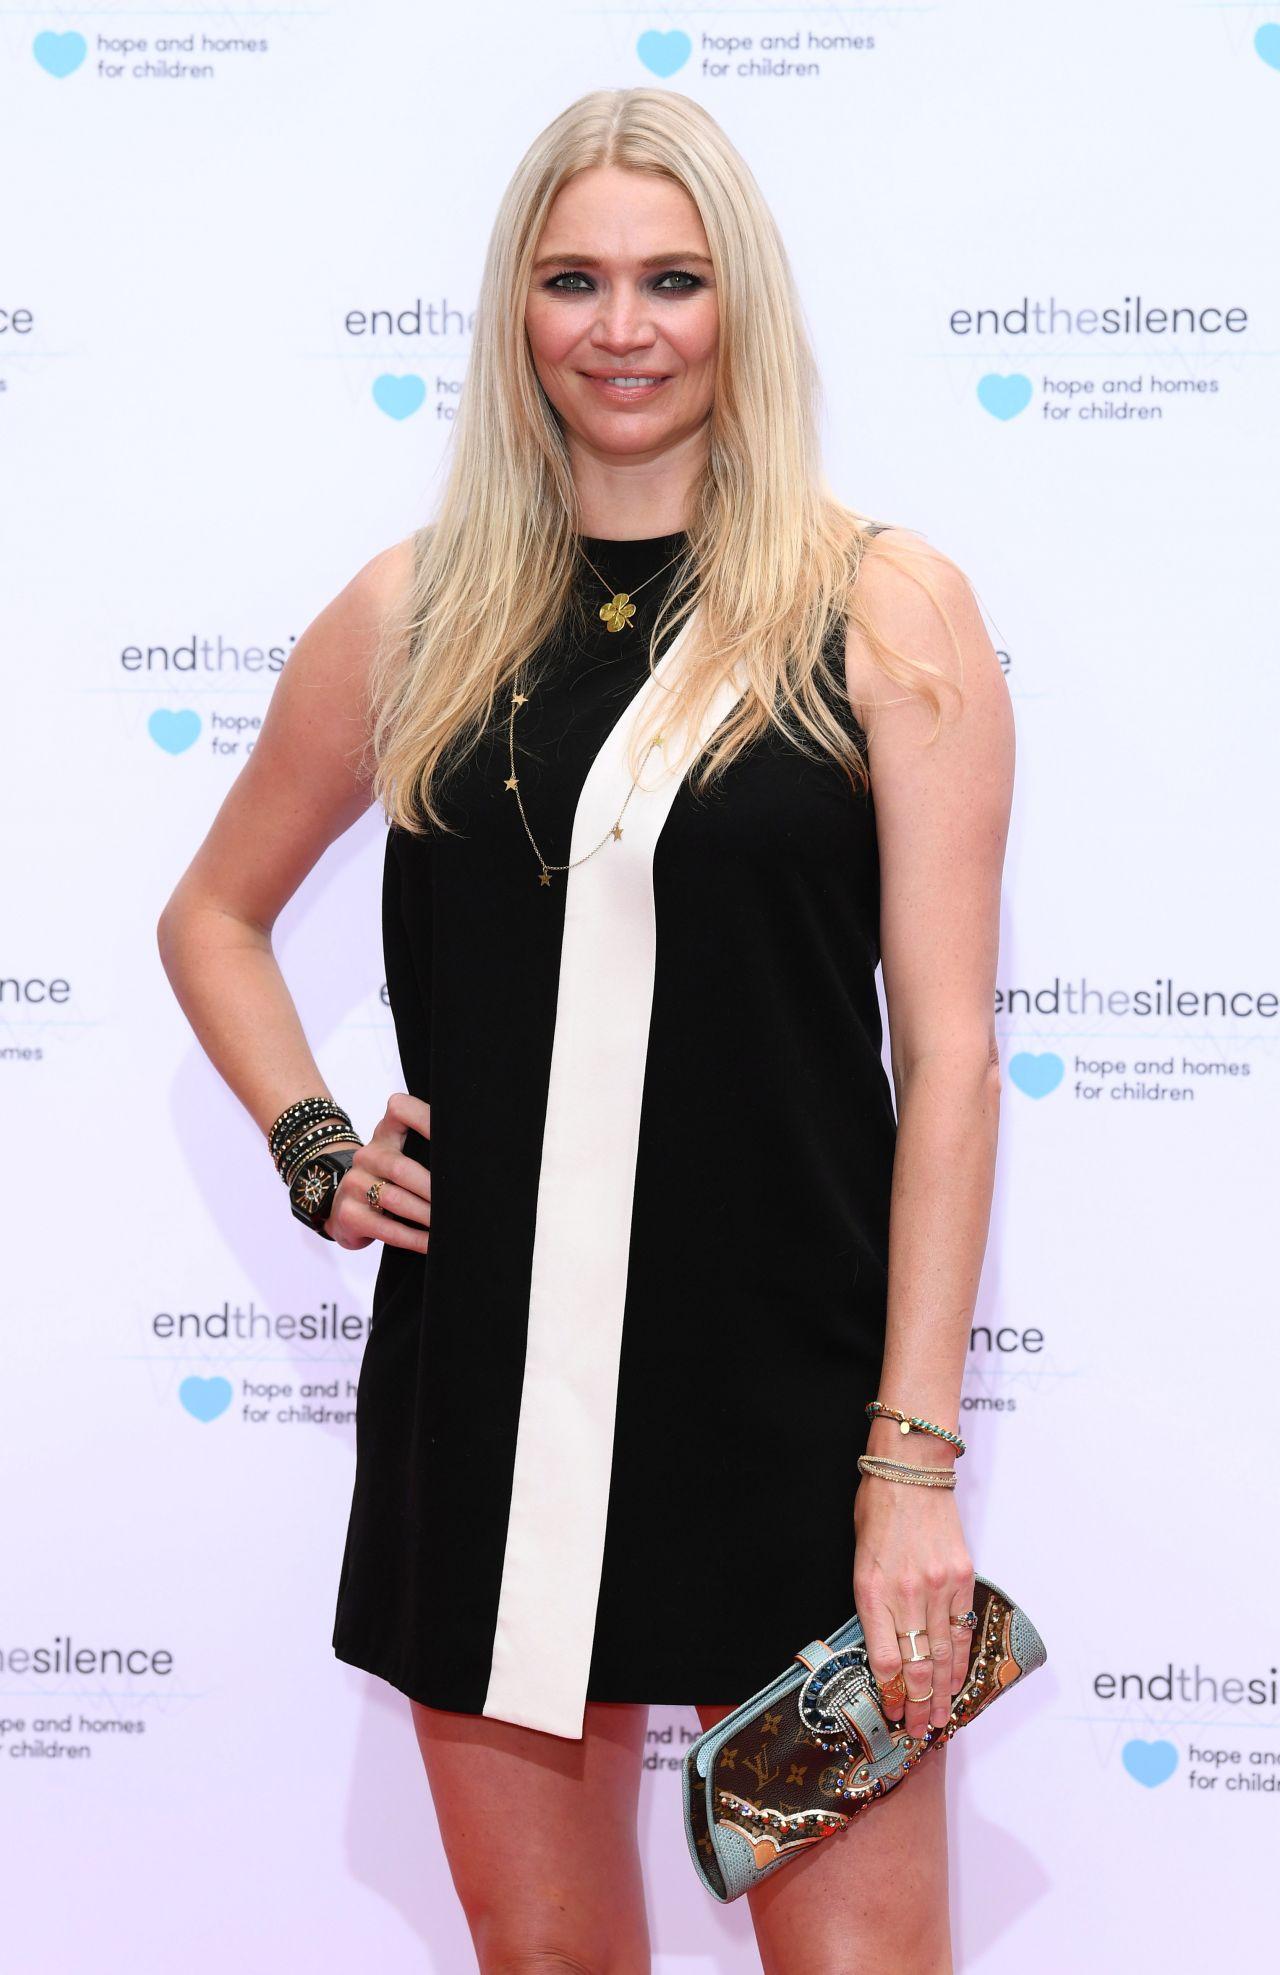 Susan Brown (English actress),Jennifer Jones Hot fotos Gillian Raine,Cara Delevingne GBR 2012-2013